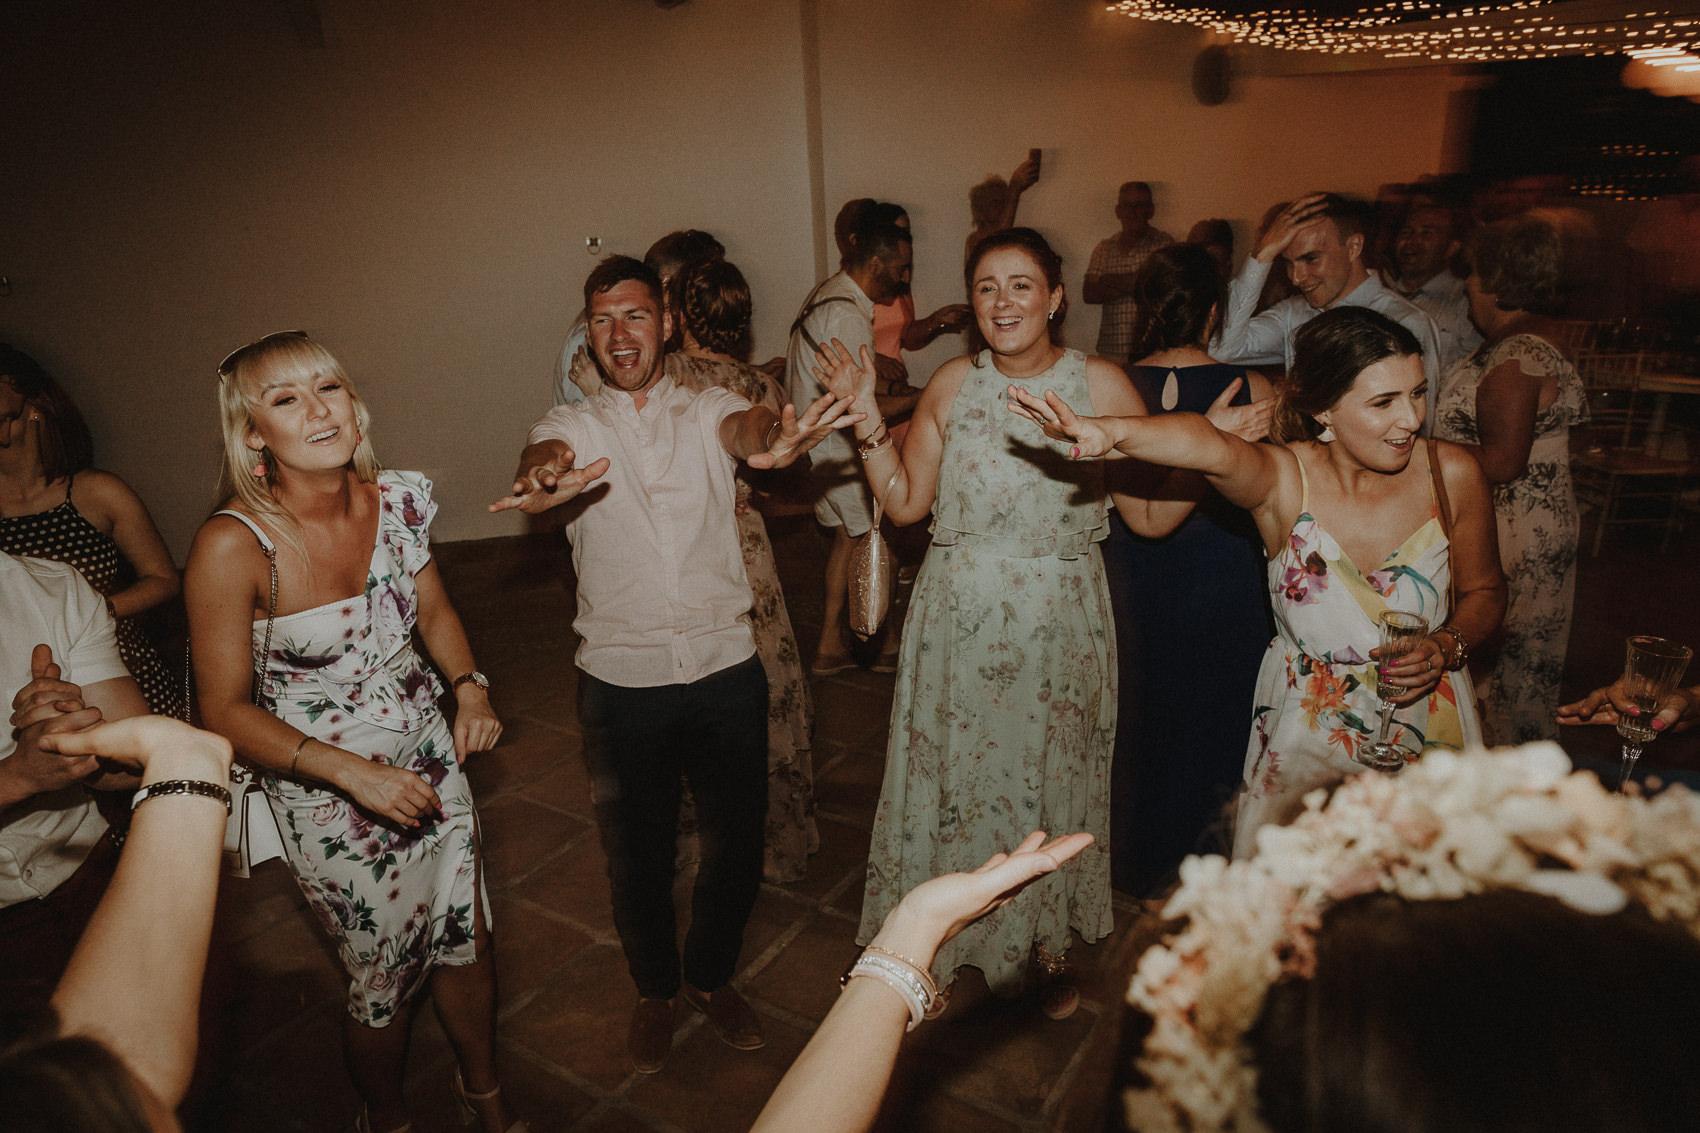 Sarah & Bill | Summer wedding at Cortijo Rosa Blanca | Marbella - Spain 164